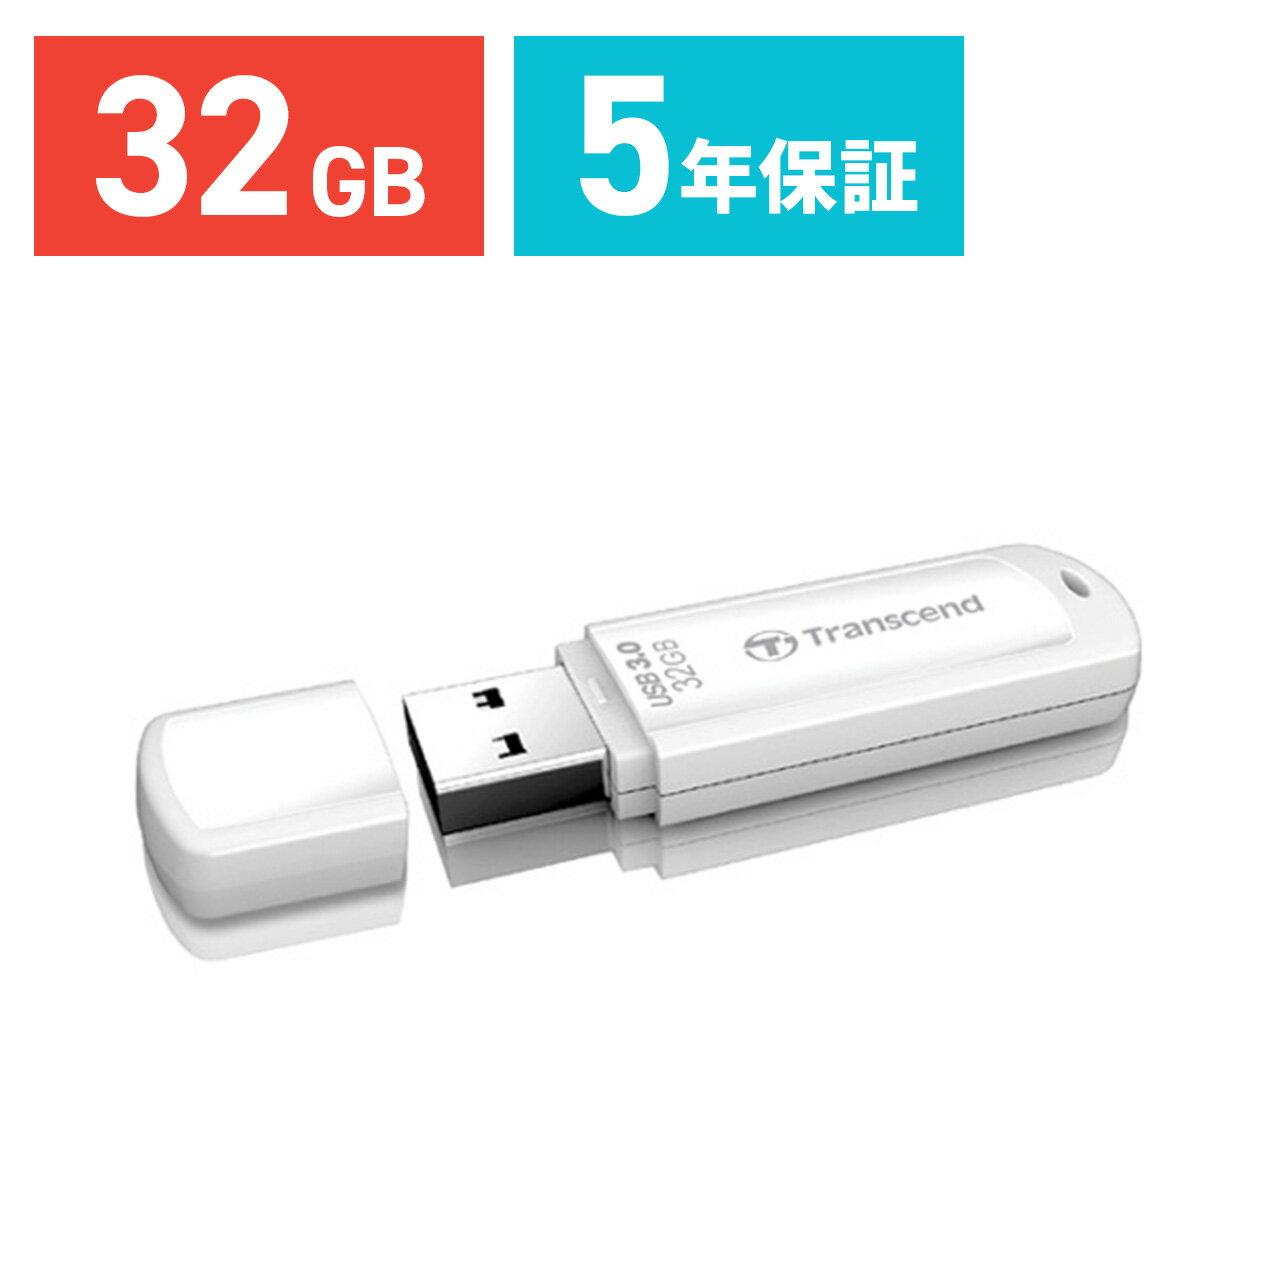 【ネコポス専用】Transcend USBメモリ 32GB USB3.0 JetFlash730 光沢ホワイトボディ USBメモリー 高速 大容量 入学 卒業[TS32GJF730]【今だけ送料無料!】